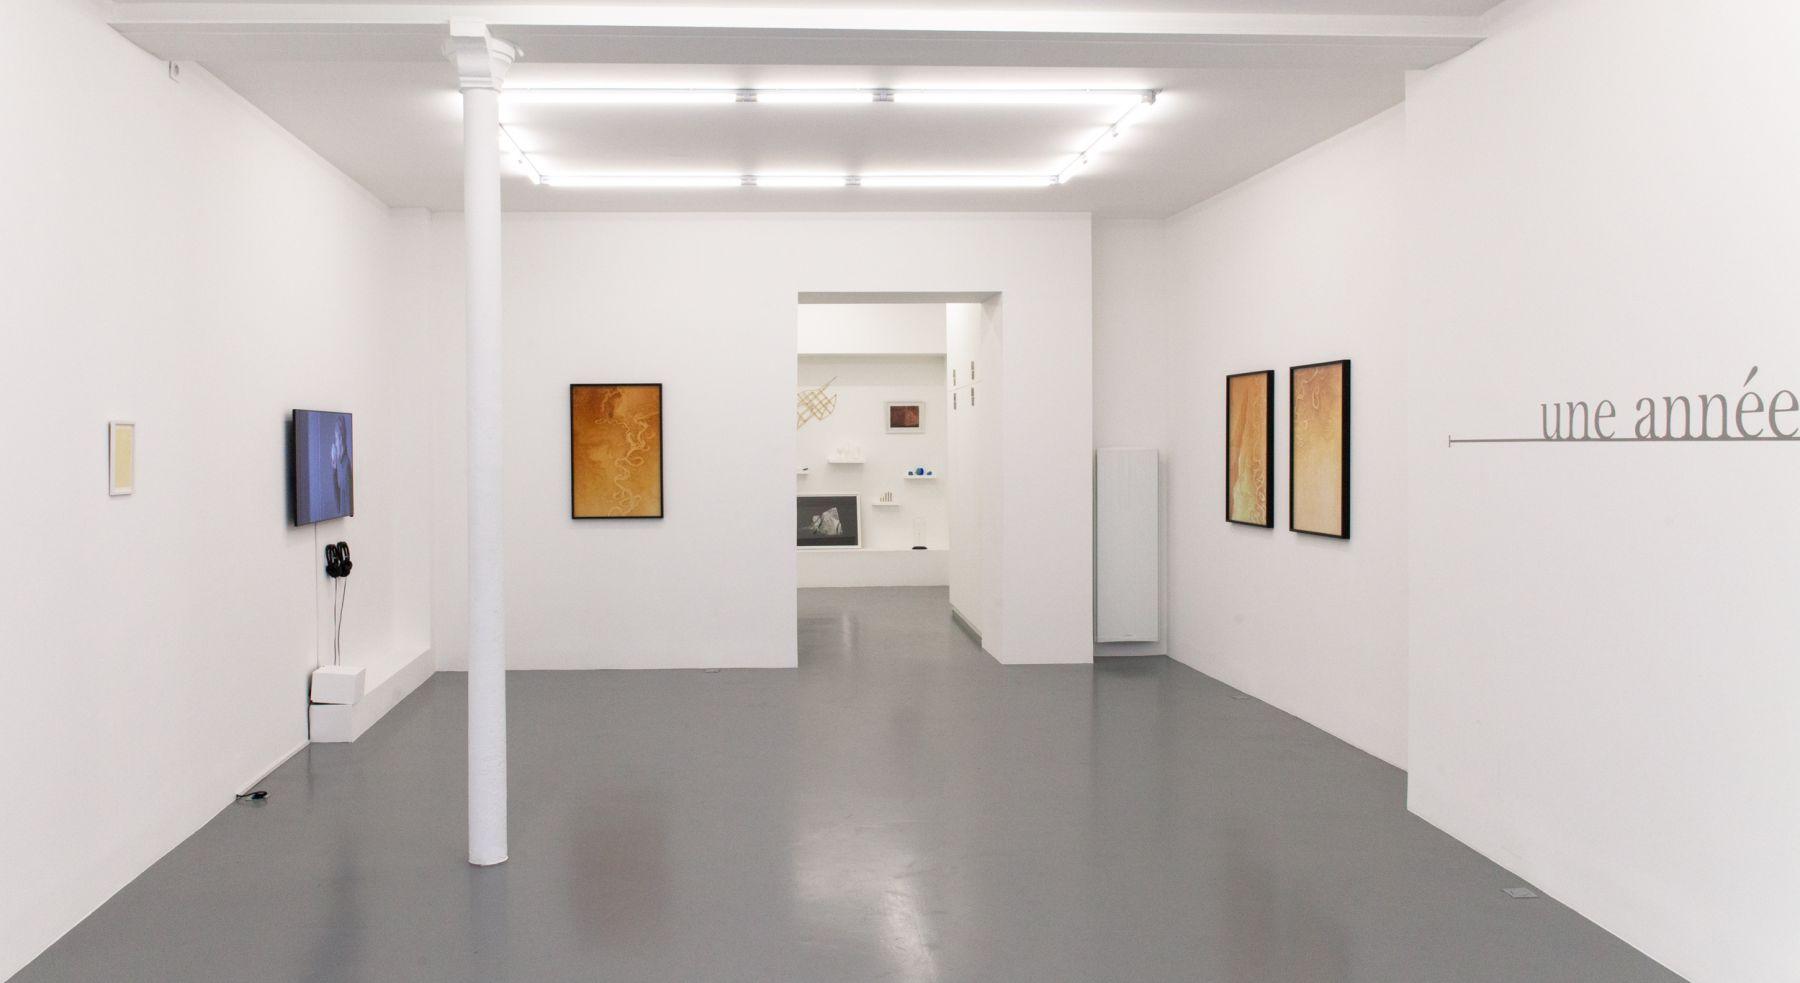 """Julien Discrit, """"Le souvenir des pierres"""", (solo show), Galerie Anne-Sarah Bénichou, Paris, France, May, 21st - July, 23rd, 2016, courtesy Galerie Anne-Sarah Bénichou"""